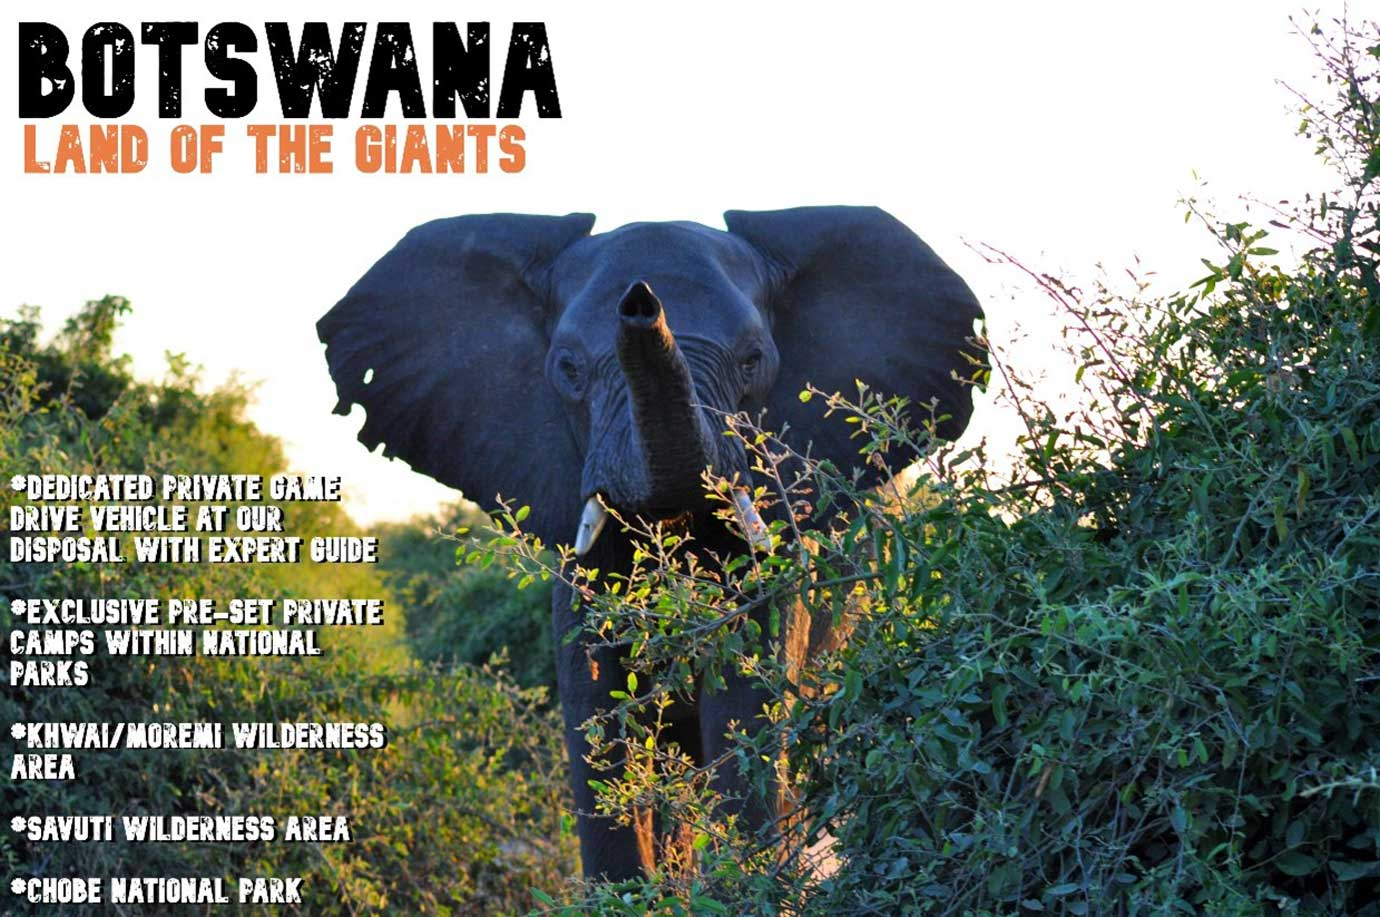 Botswana - Land of the Giants